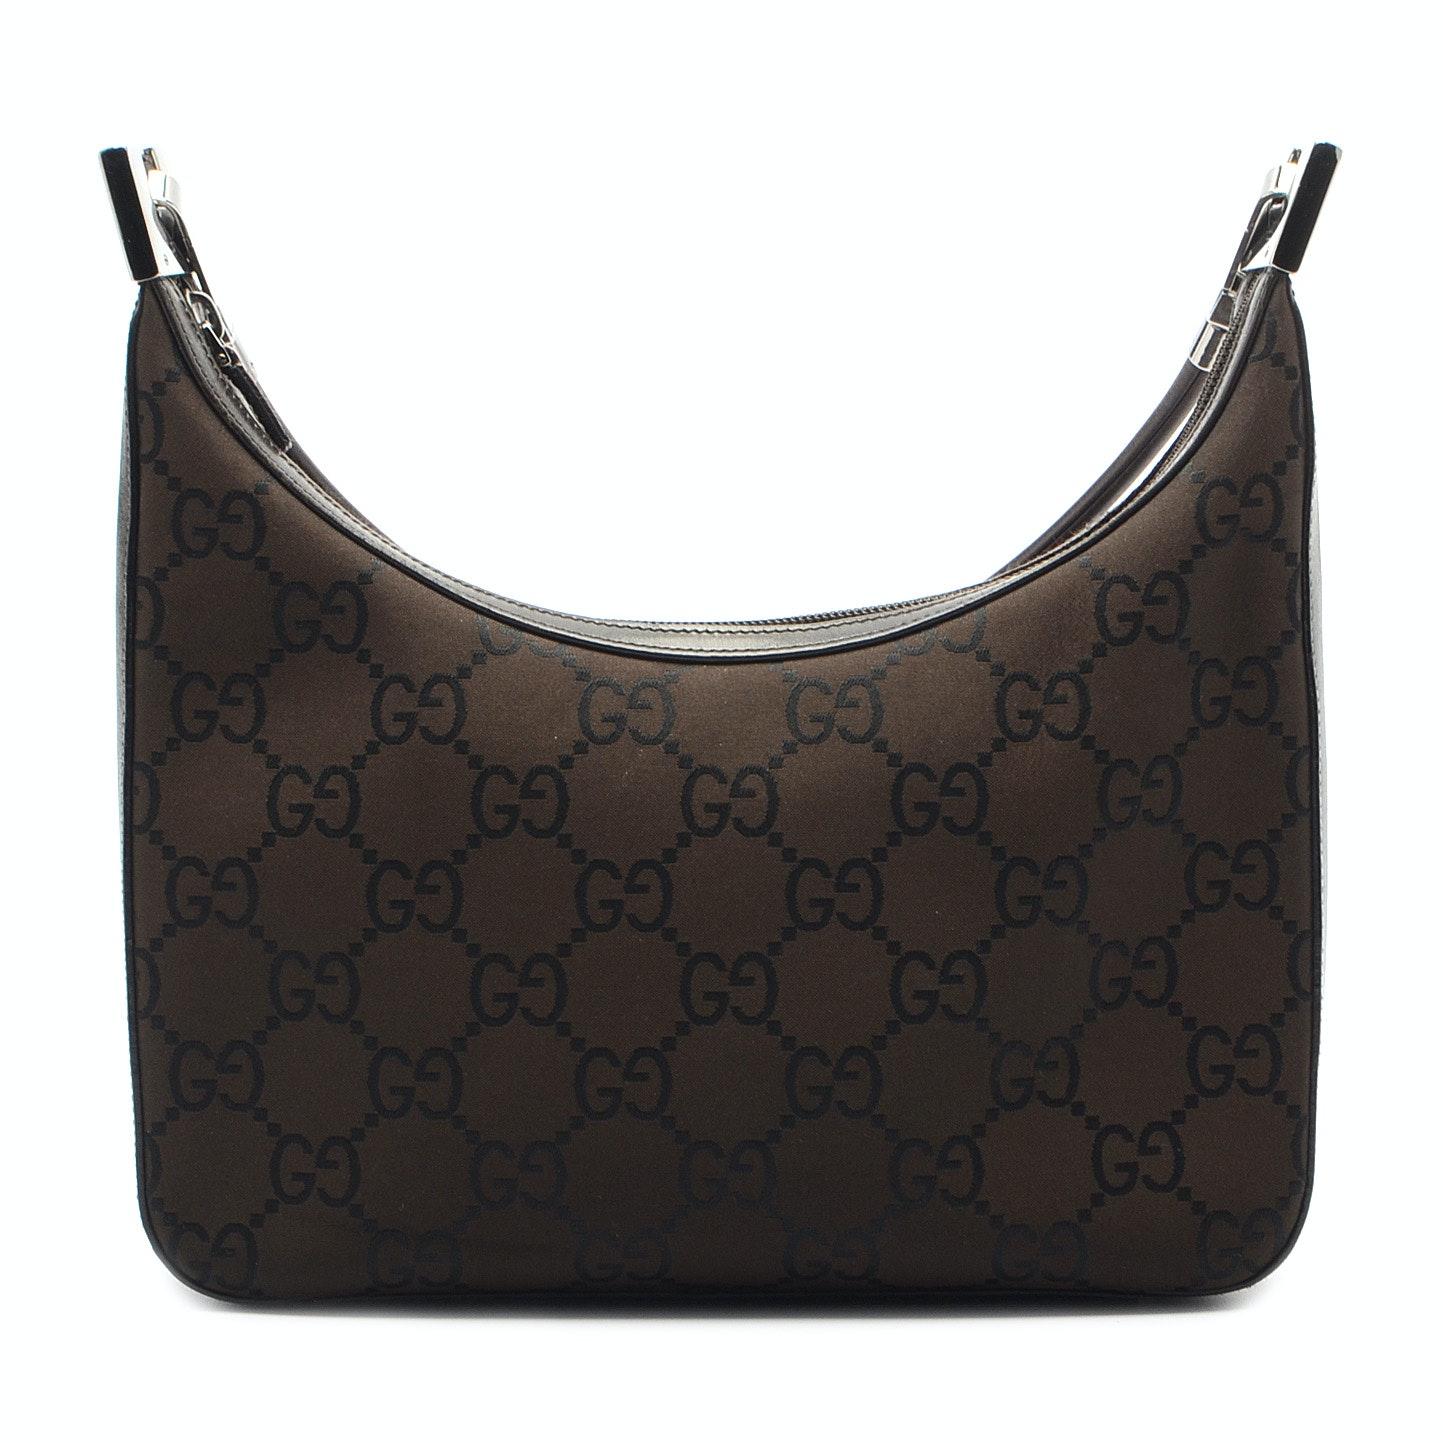 Gucci Brown Canvas and Leather Hobo Handbag